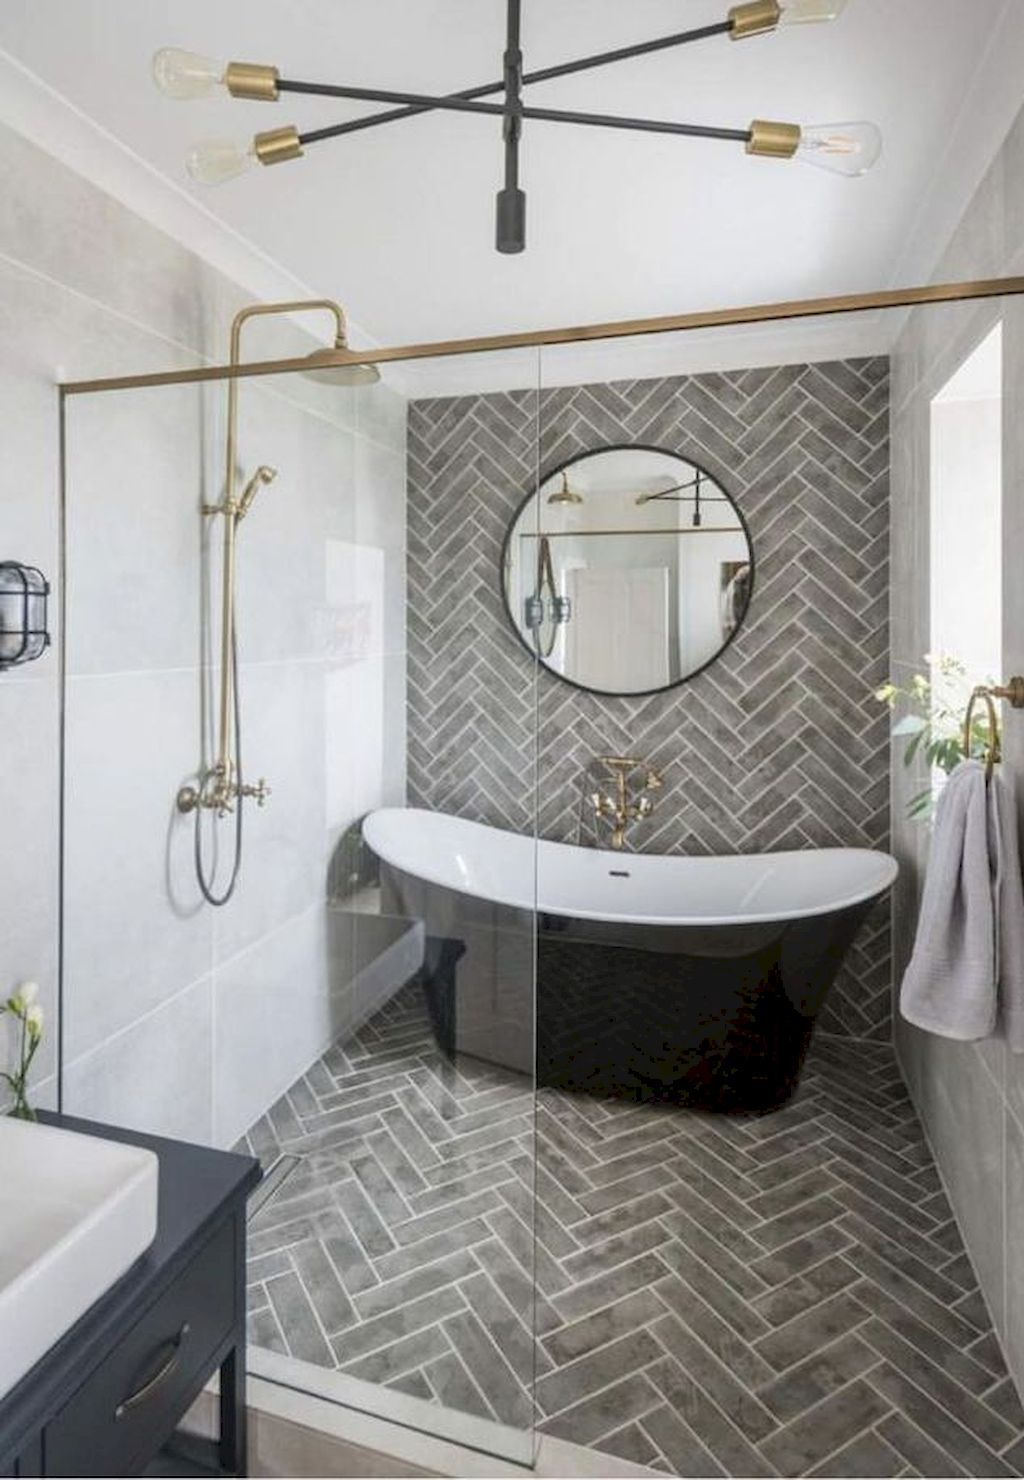 20 Stylish Small Bathroom Design Ideas On A Budget Master Bathroom Renovation Modern Master Bathroom Bathroom Remodel Master